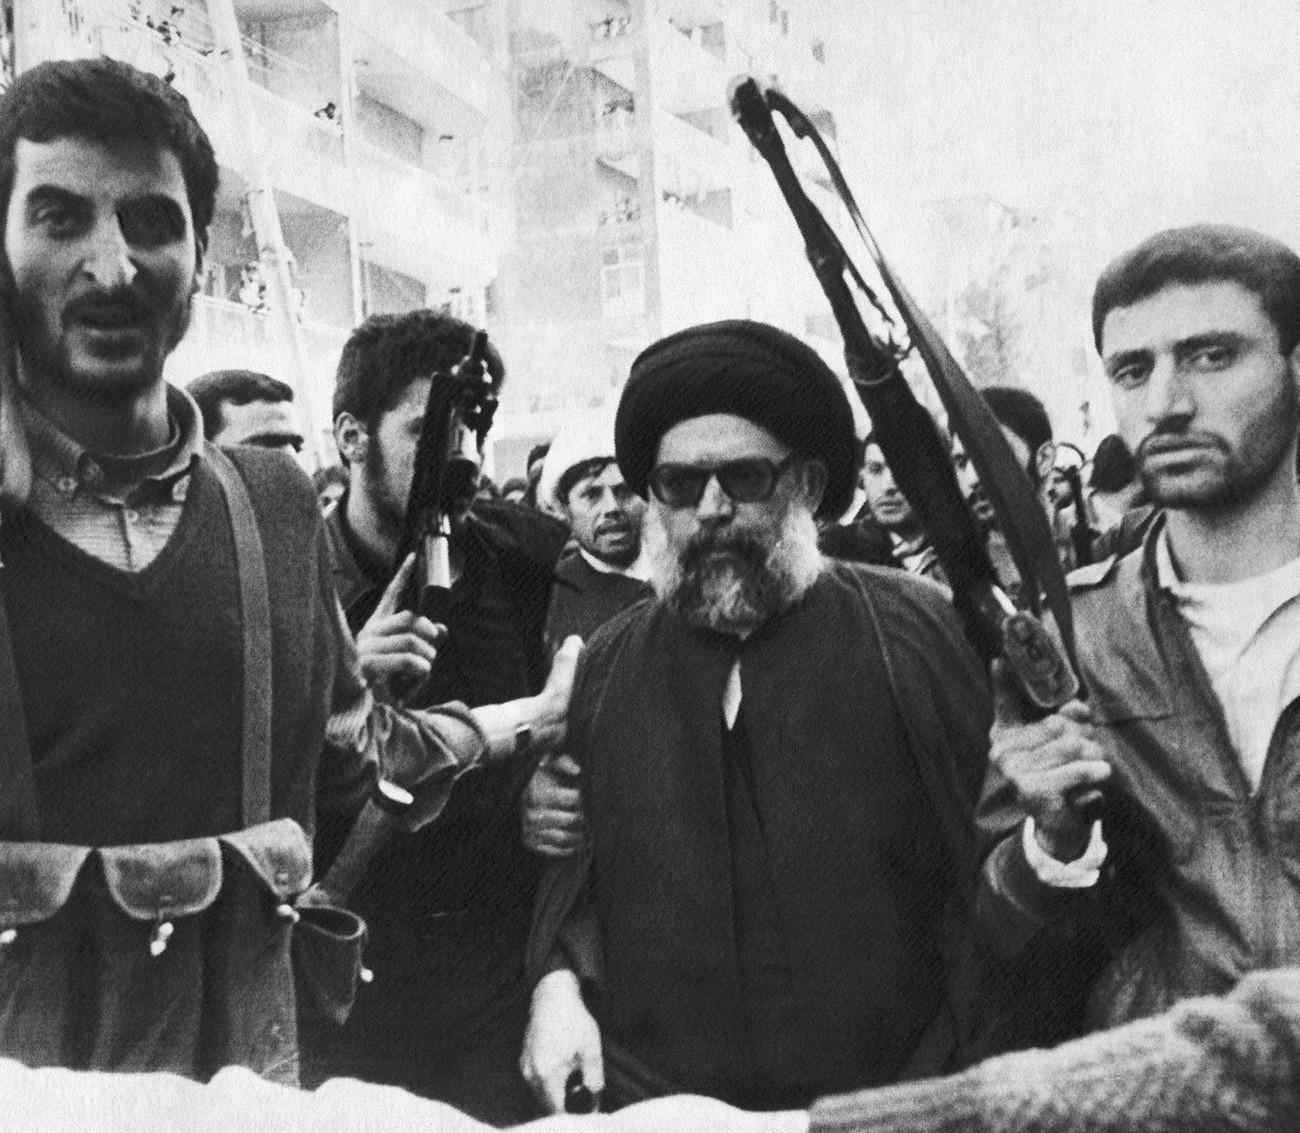 Мохамед Хусеин Фадлалах во црн турбан опкружен со телохранители на 9 марти 1985 година доаѓа во џамија во јужното предградие на Бејрут (Либан) на погреб на 75 жртви од експлозија на миниран автомобил.